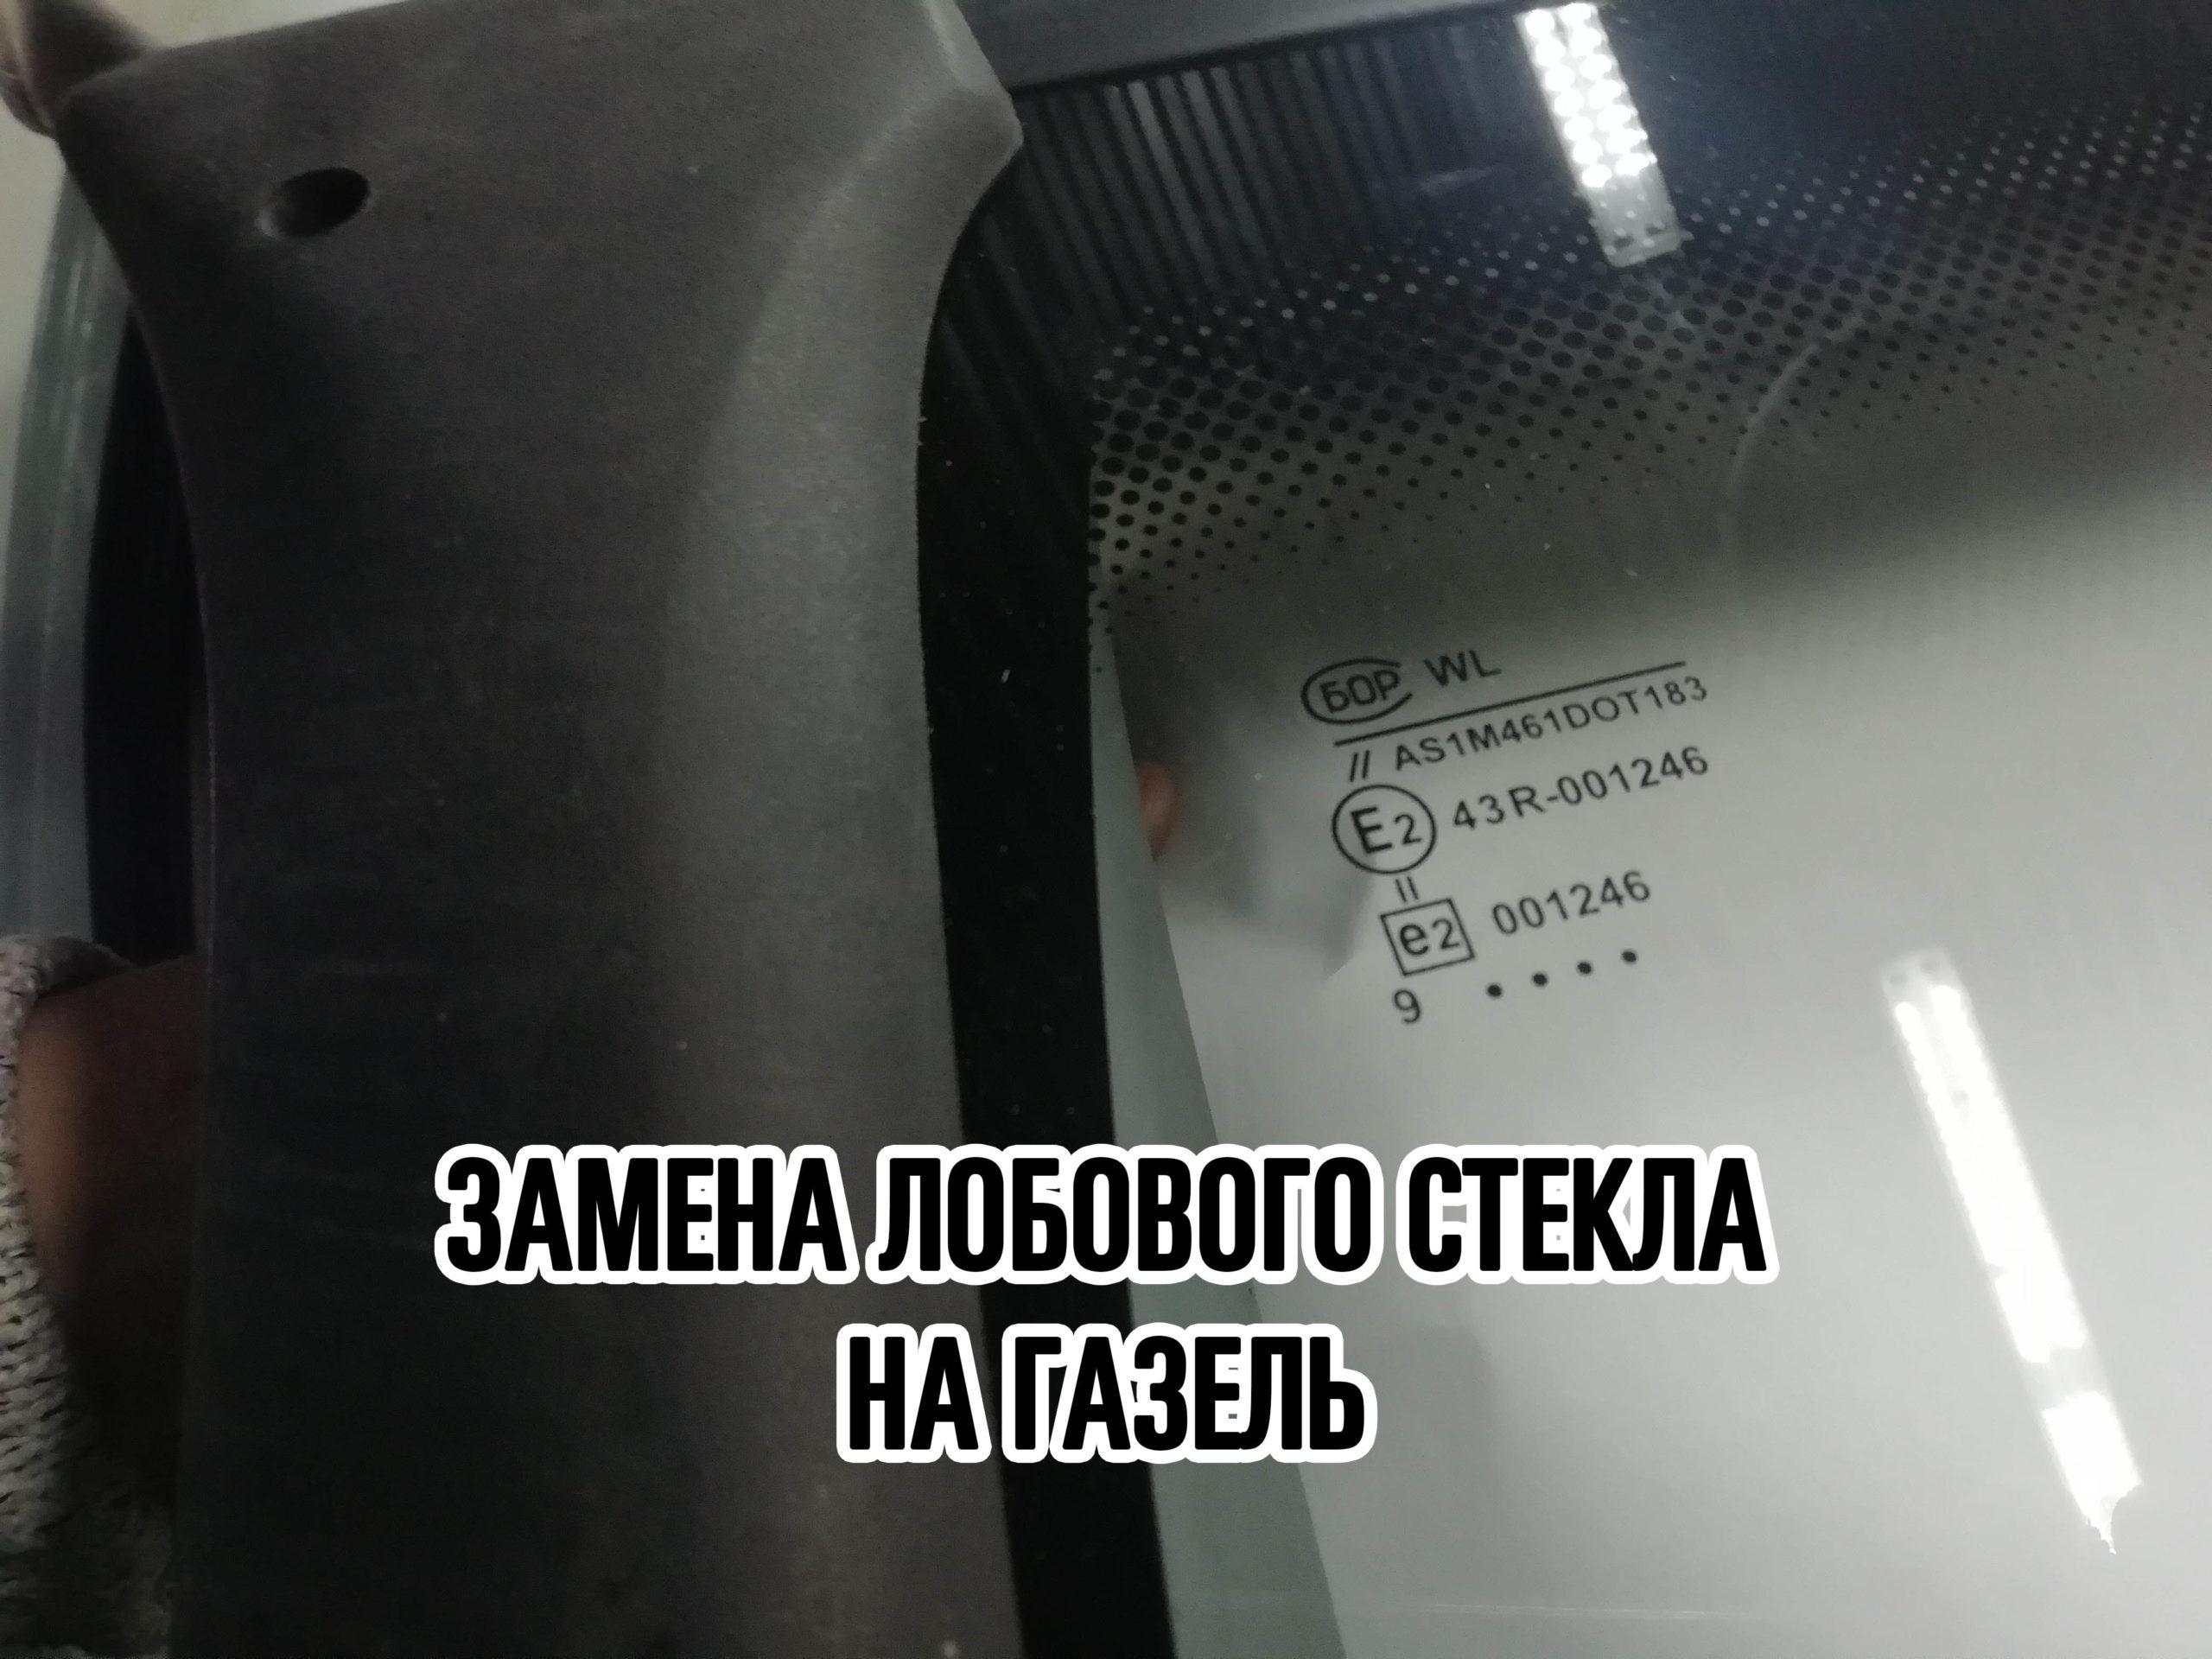 Лобовое стекло на Газель купить и установить в Москве